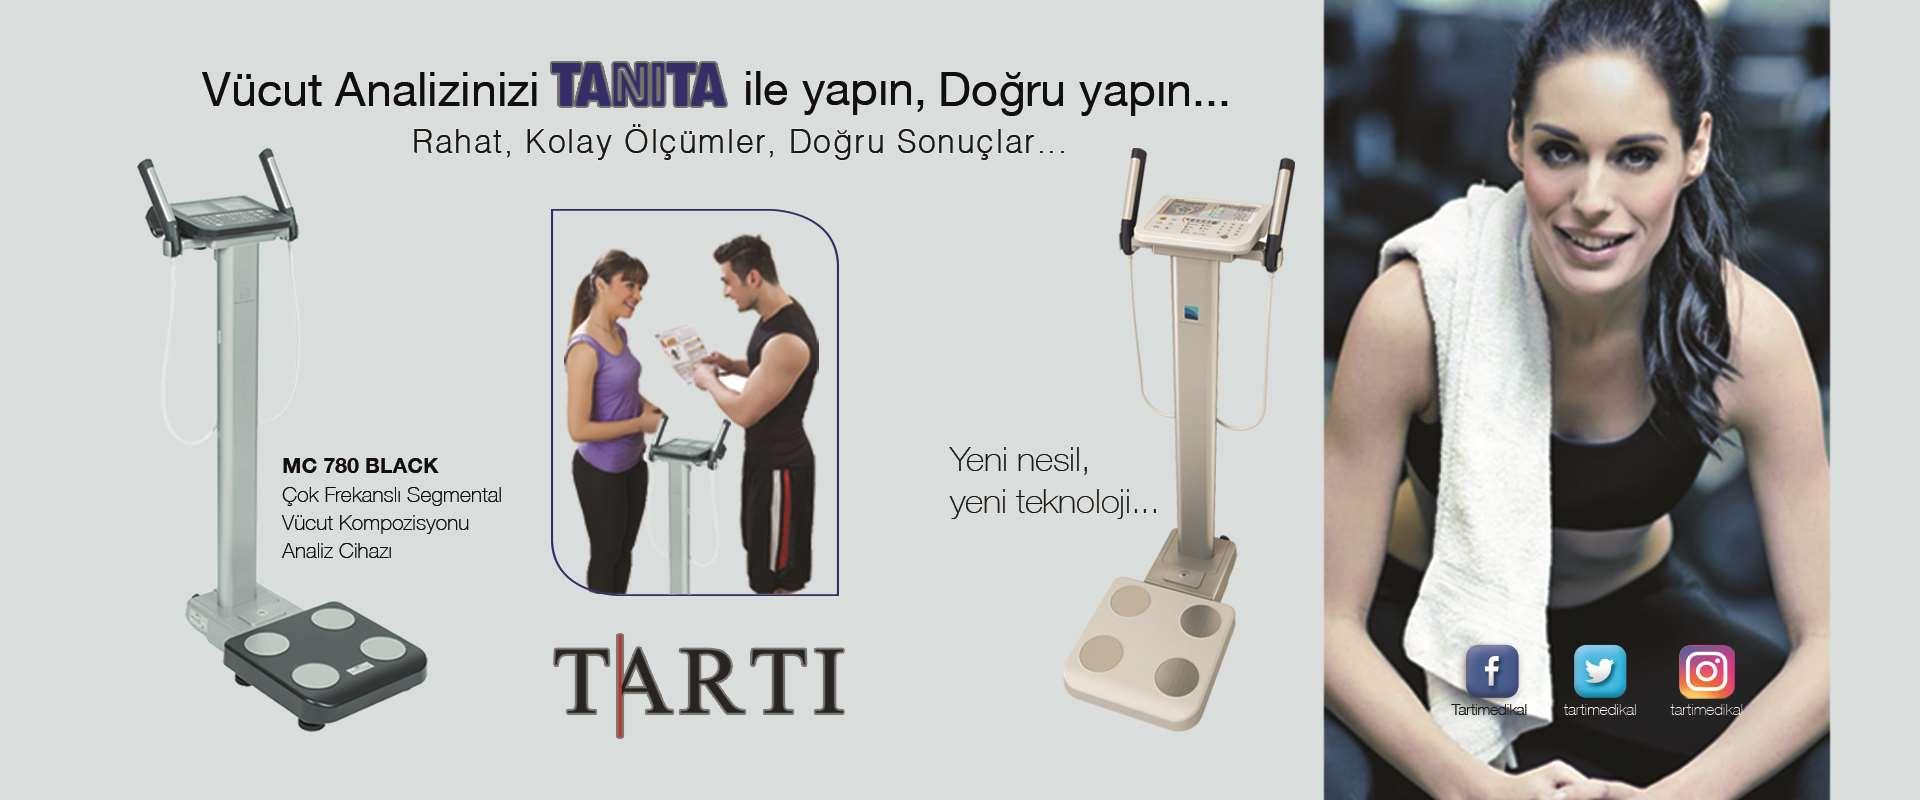 MC780 TANITA Yağ ölçüm cihazı